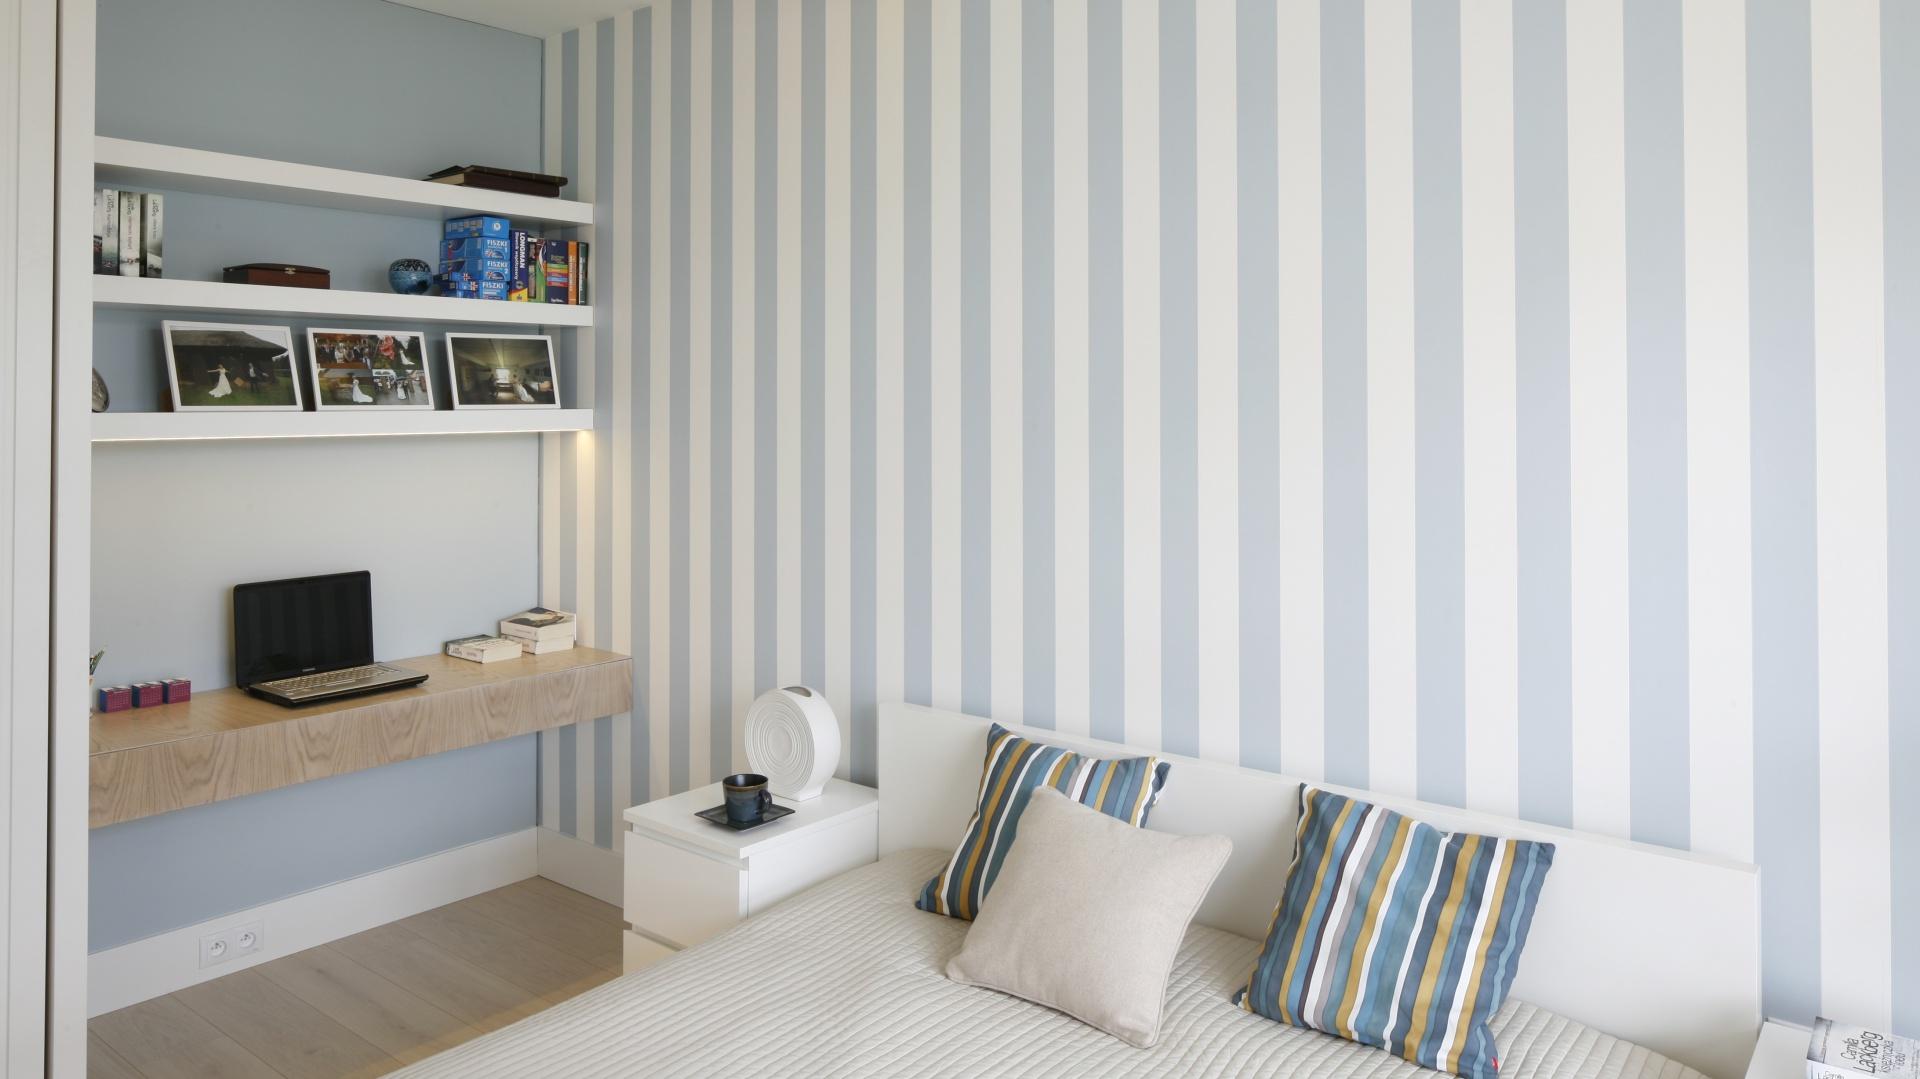 Na ścianie za łóżkiem umieszczono tapetę w pionowe pasy. Błękit w połączeniu z bielą i jasnym drewnem tworzy przytulne wnętrze. Fot. Bartosz Jarosz.